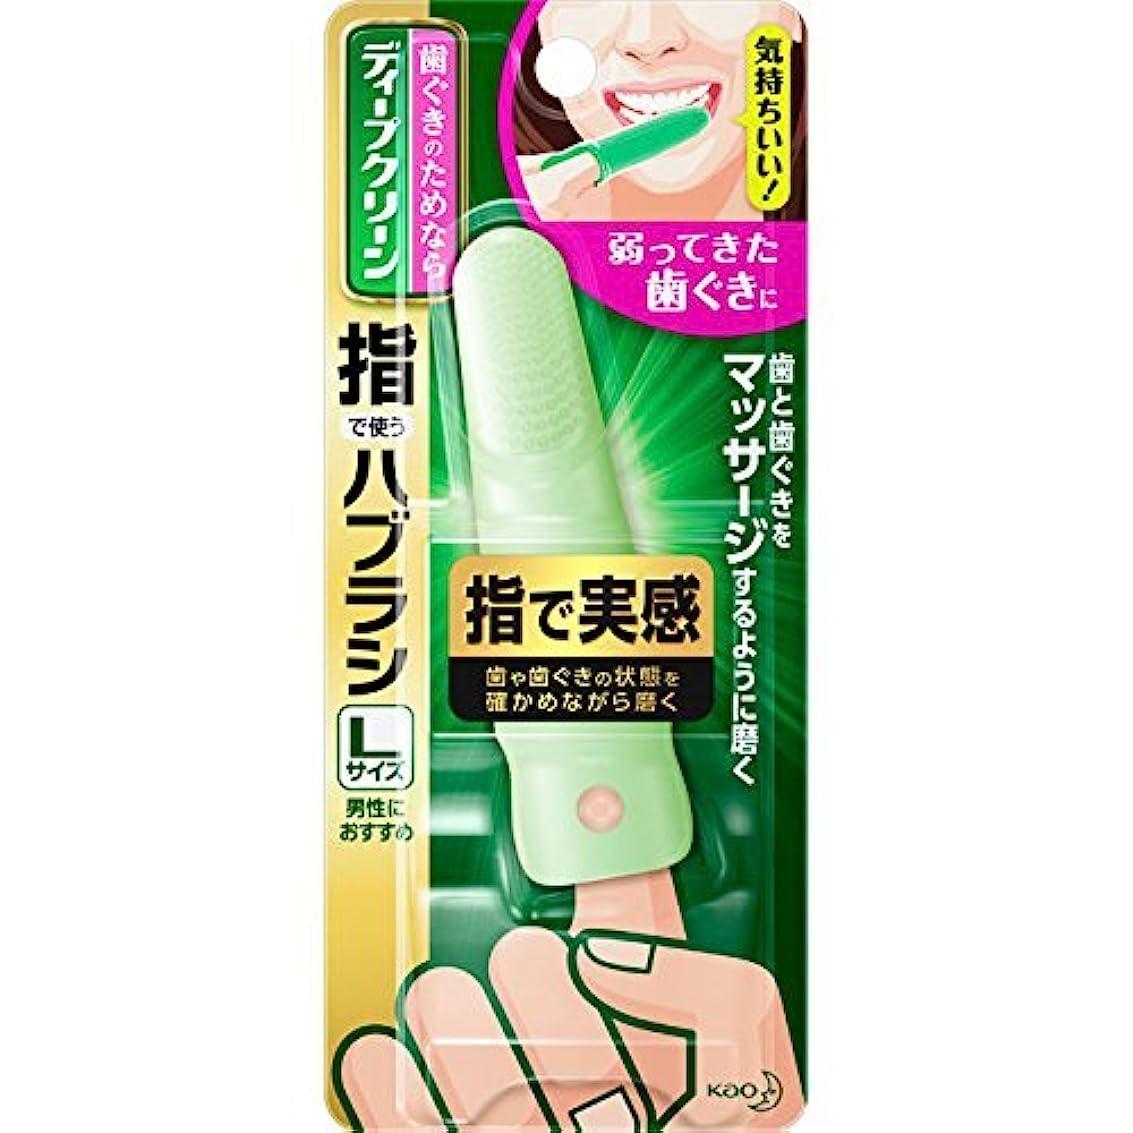 備品告発者そばにディープクリーン 指で使うハブラシ Lサイズ (男性におすすめサイズ)